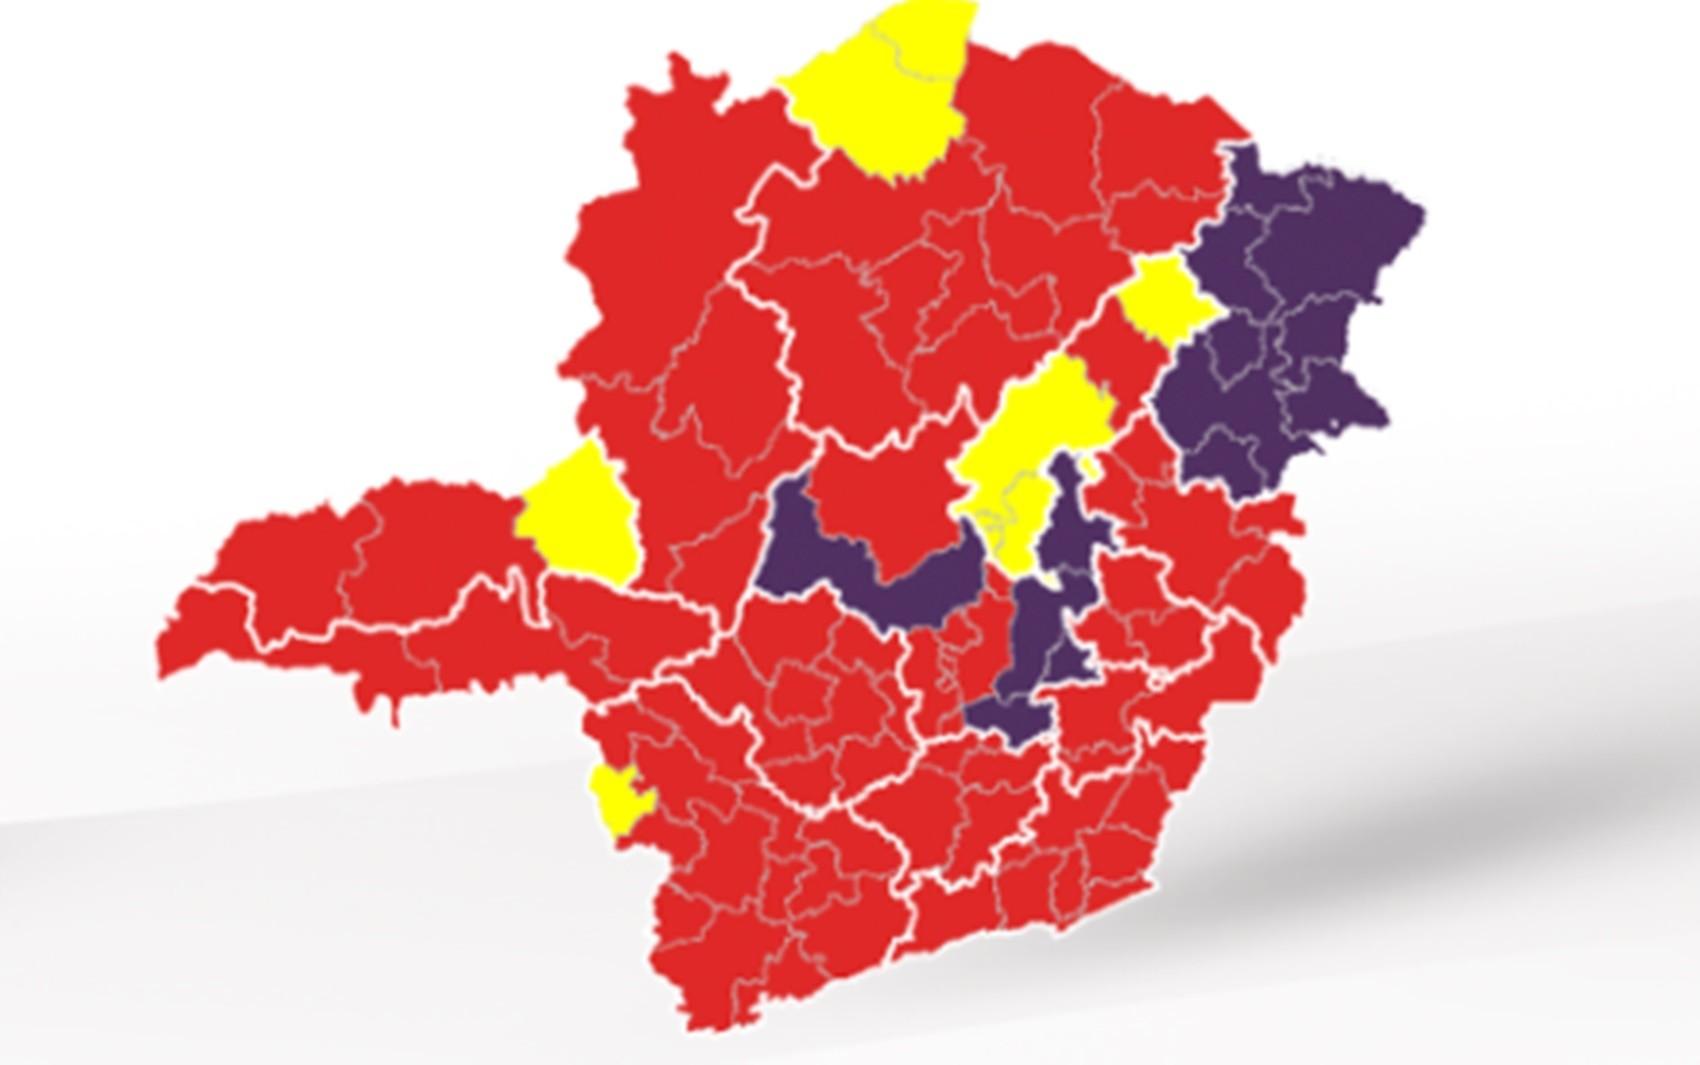 Microrregião de Patrocínio e Monte Carmelo avança para Onda Amarela; Triângulo e Noroeste permanecem na Vermelha